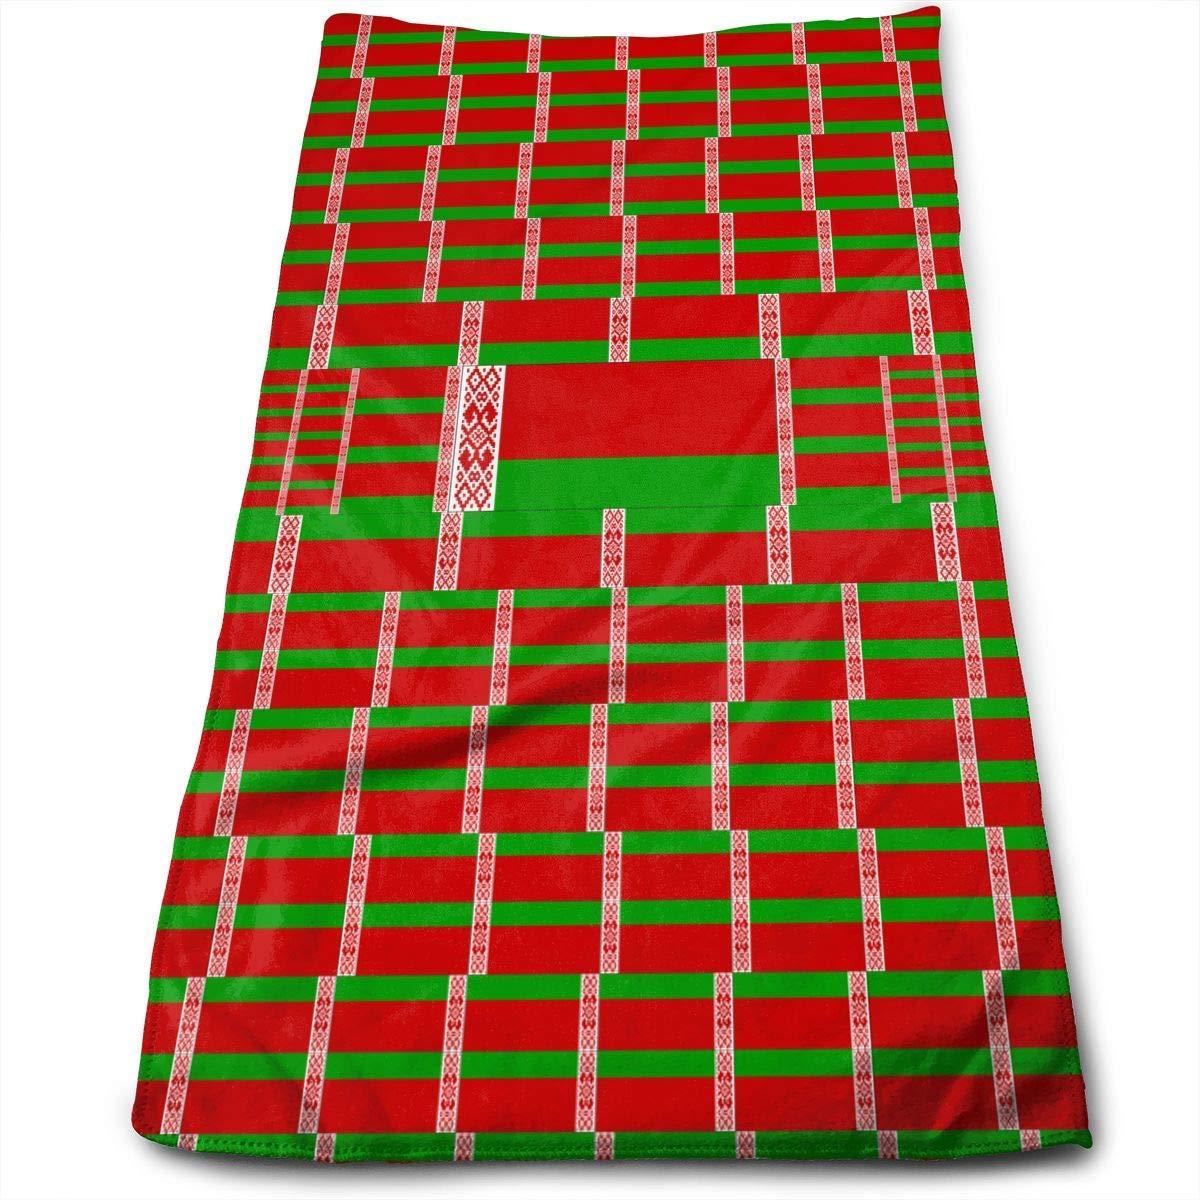 huibe Toallas de Mano Bandera de Islandia con Bandera de Am/érica Toallas de Cara Toallas Altamente absorbentes para Face Gym y SPA 30x70 cm